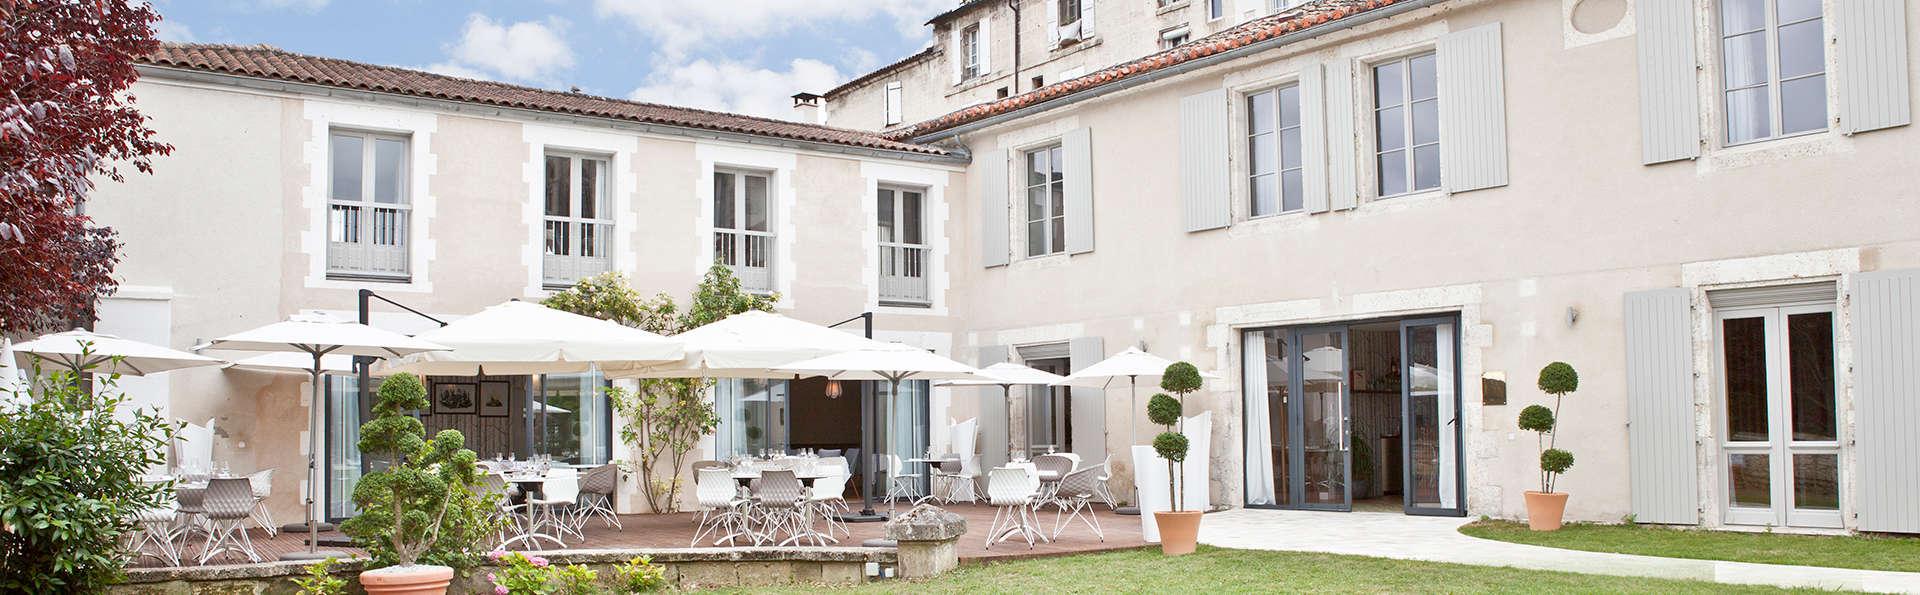 Hôtel Le Saint Gelais - Edit_terrace.jpg